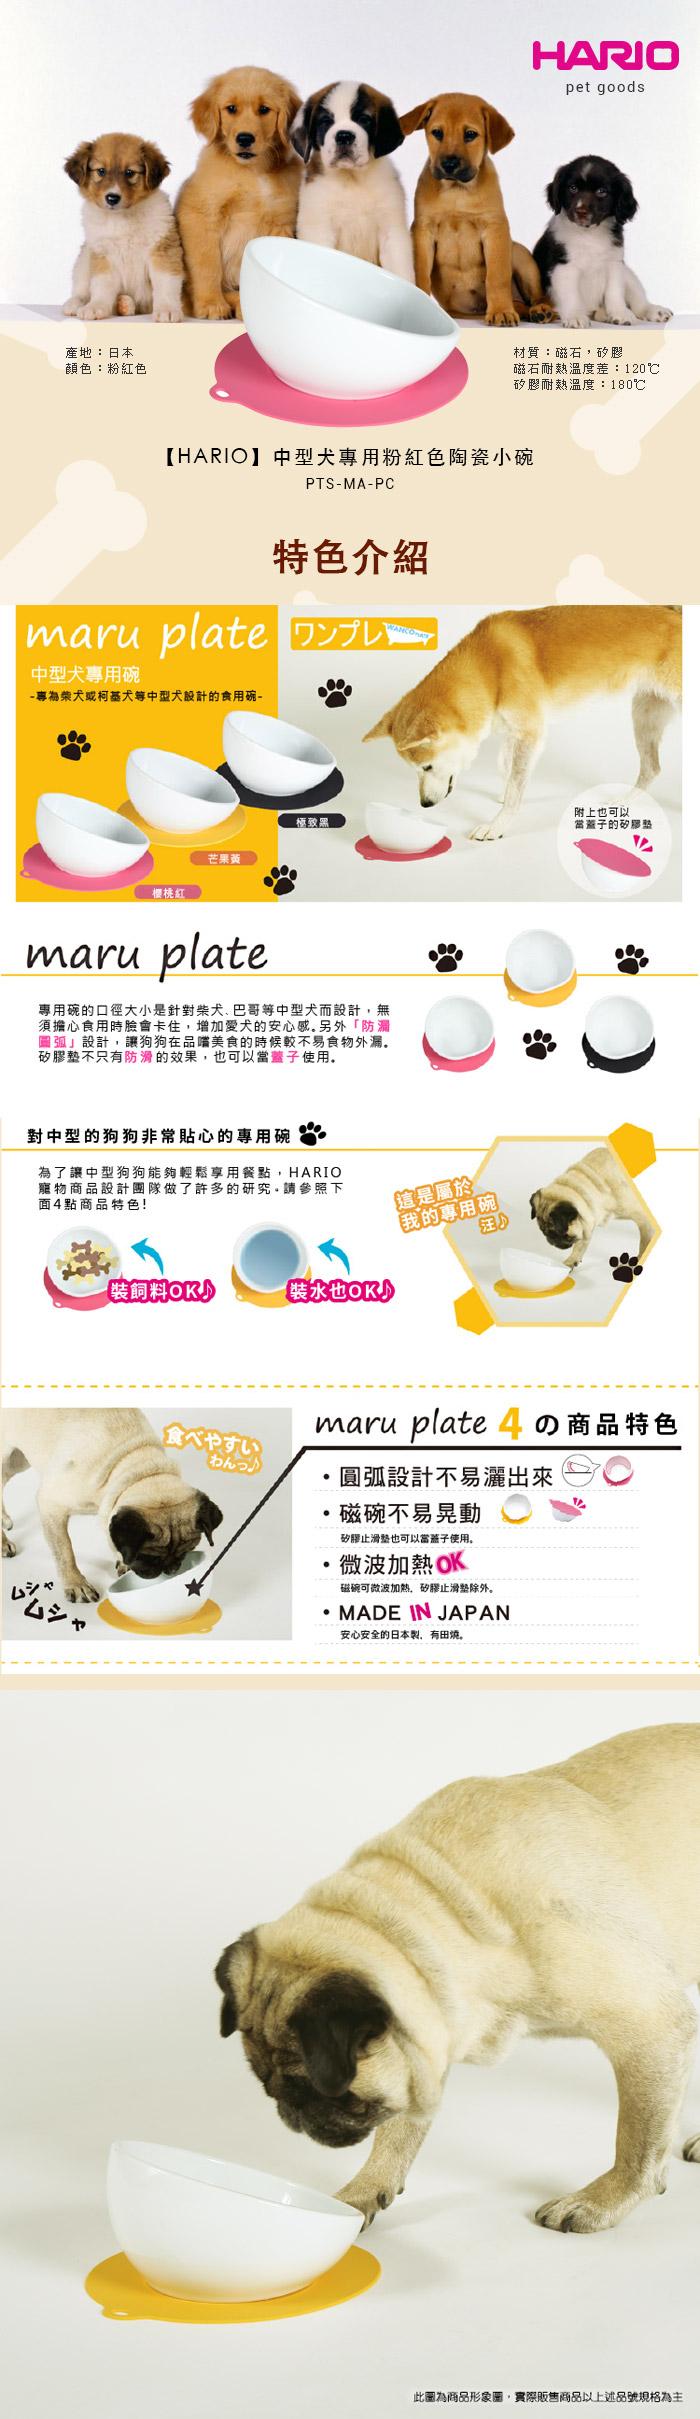 (複製)HARIO  小型犬專用粉藍磁碗  PTS-CB-BU